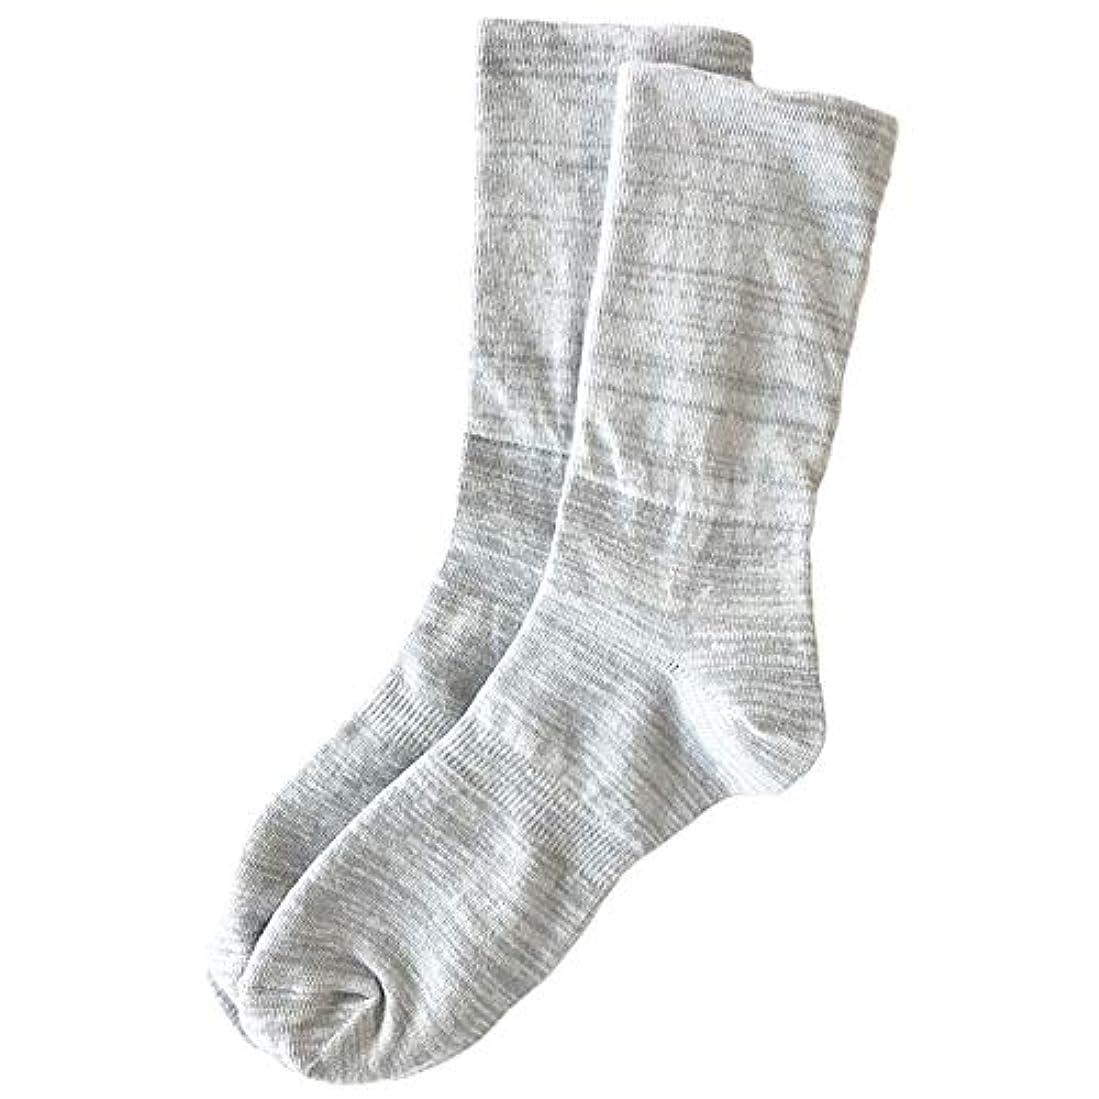 キリスト衛星ドアミラー歩くぬか袋 締めつけない靴下 (杢グレー)